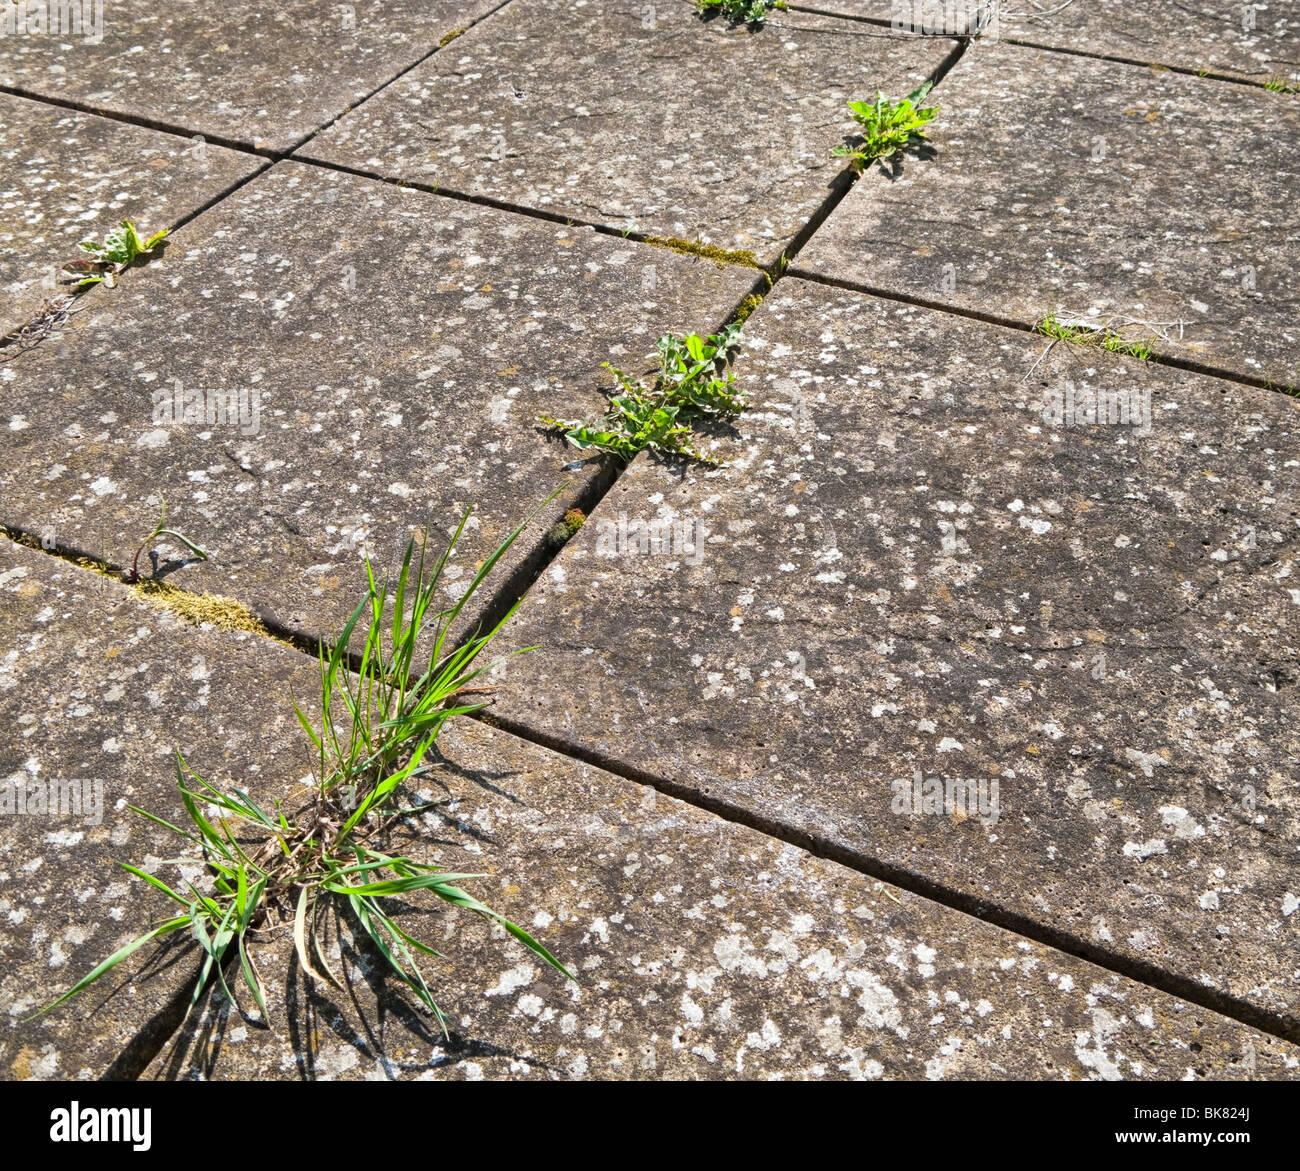 Mauvaises herbes communes de plus en plus entre les dalles sur un patio Photo Stock